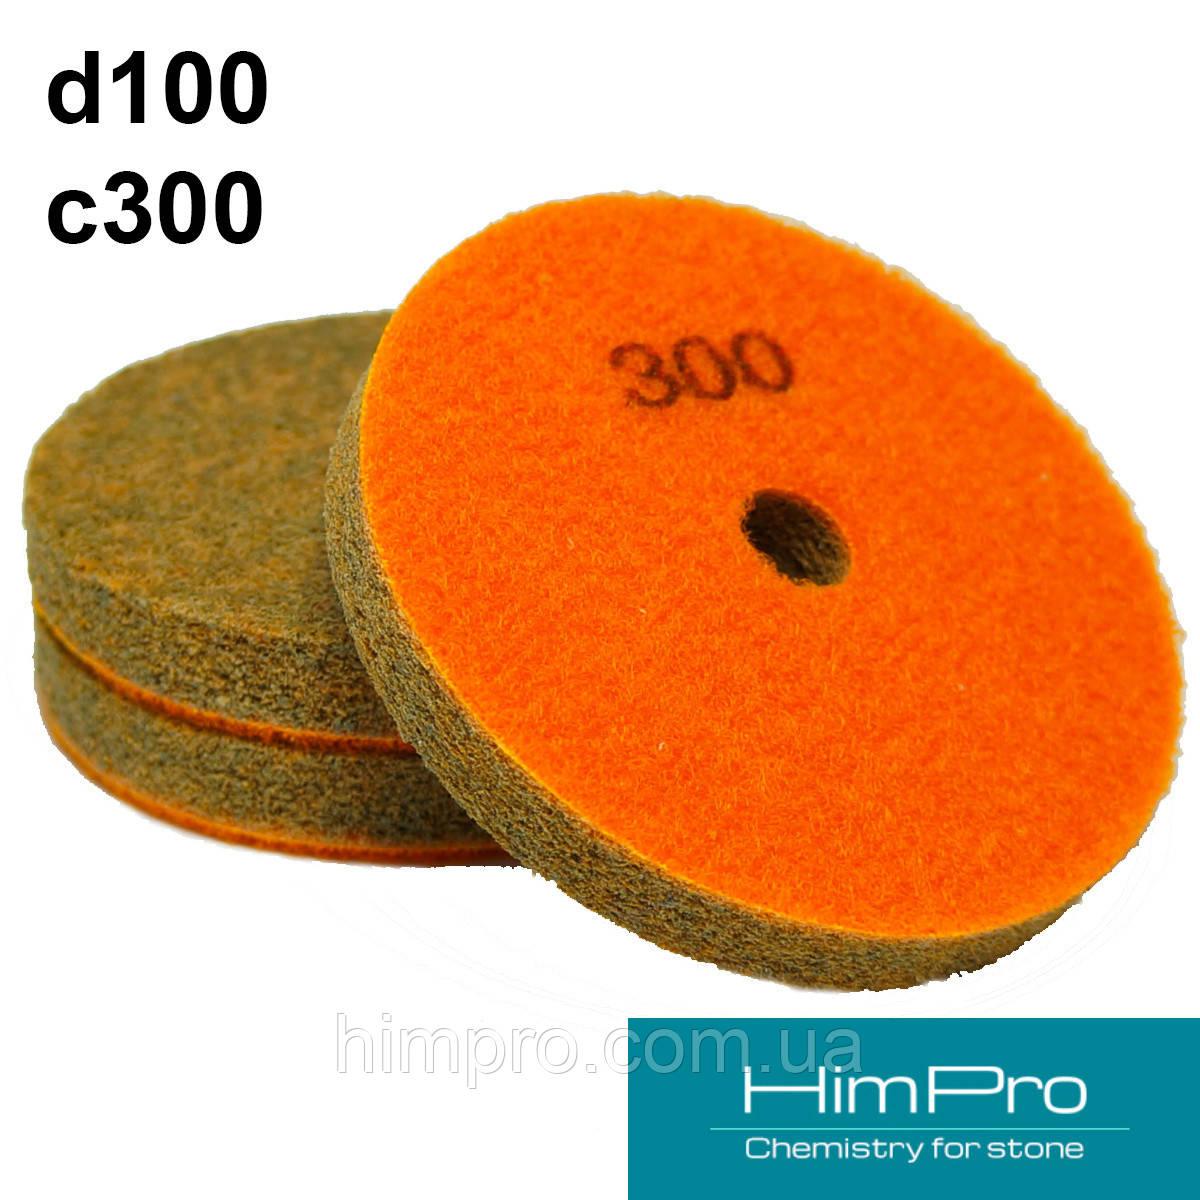 Алмазные спонжи d100 C300